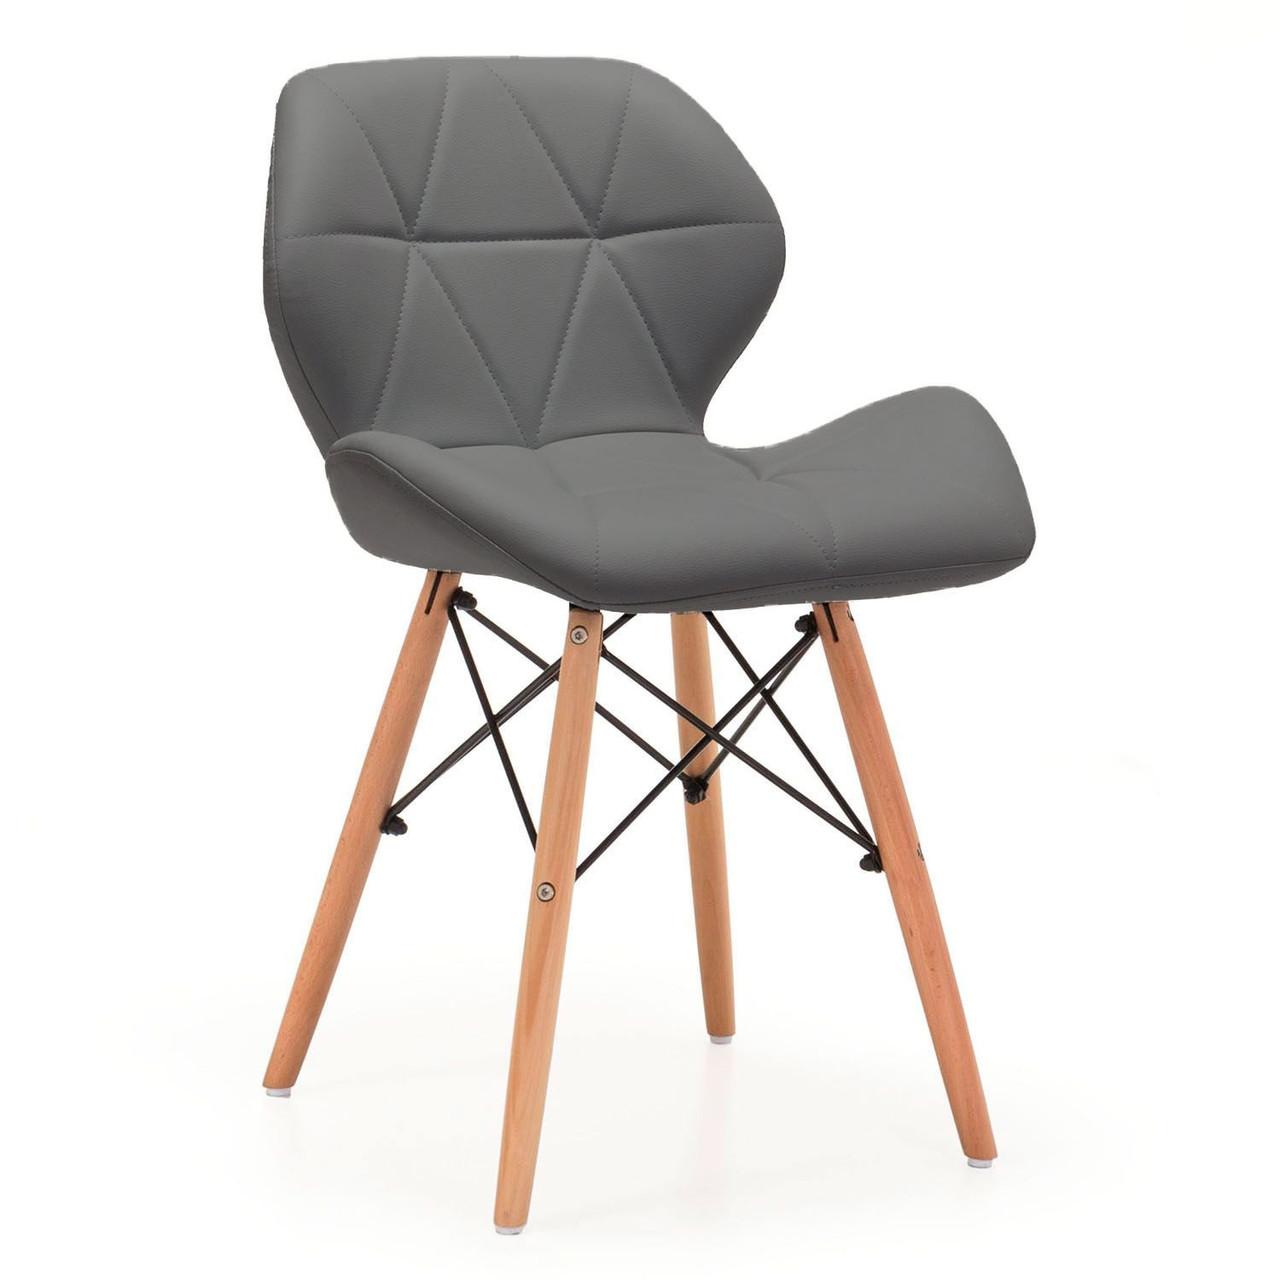 Стул Стар SDM, ножки деревянные, экокожа серого цвета